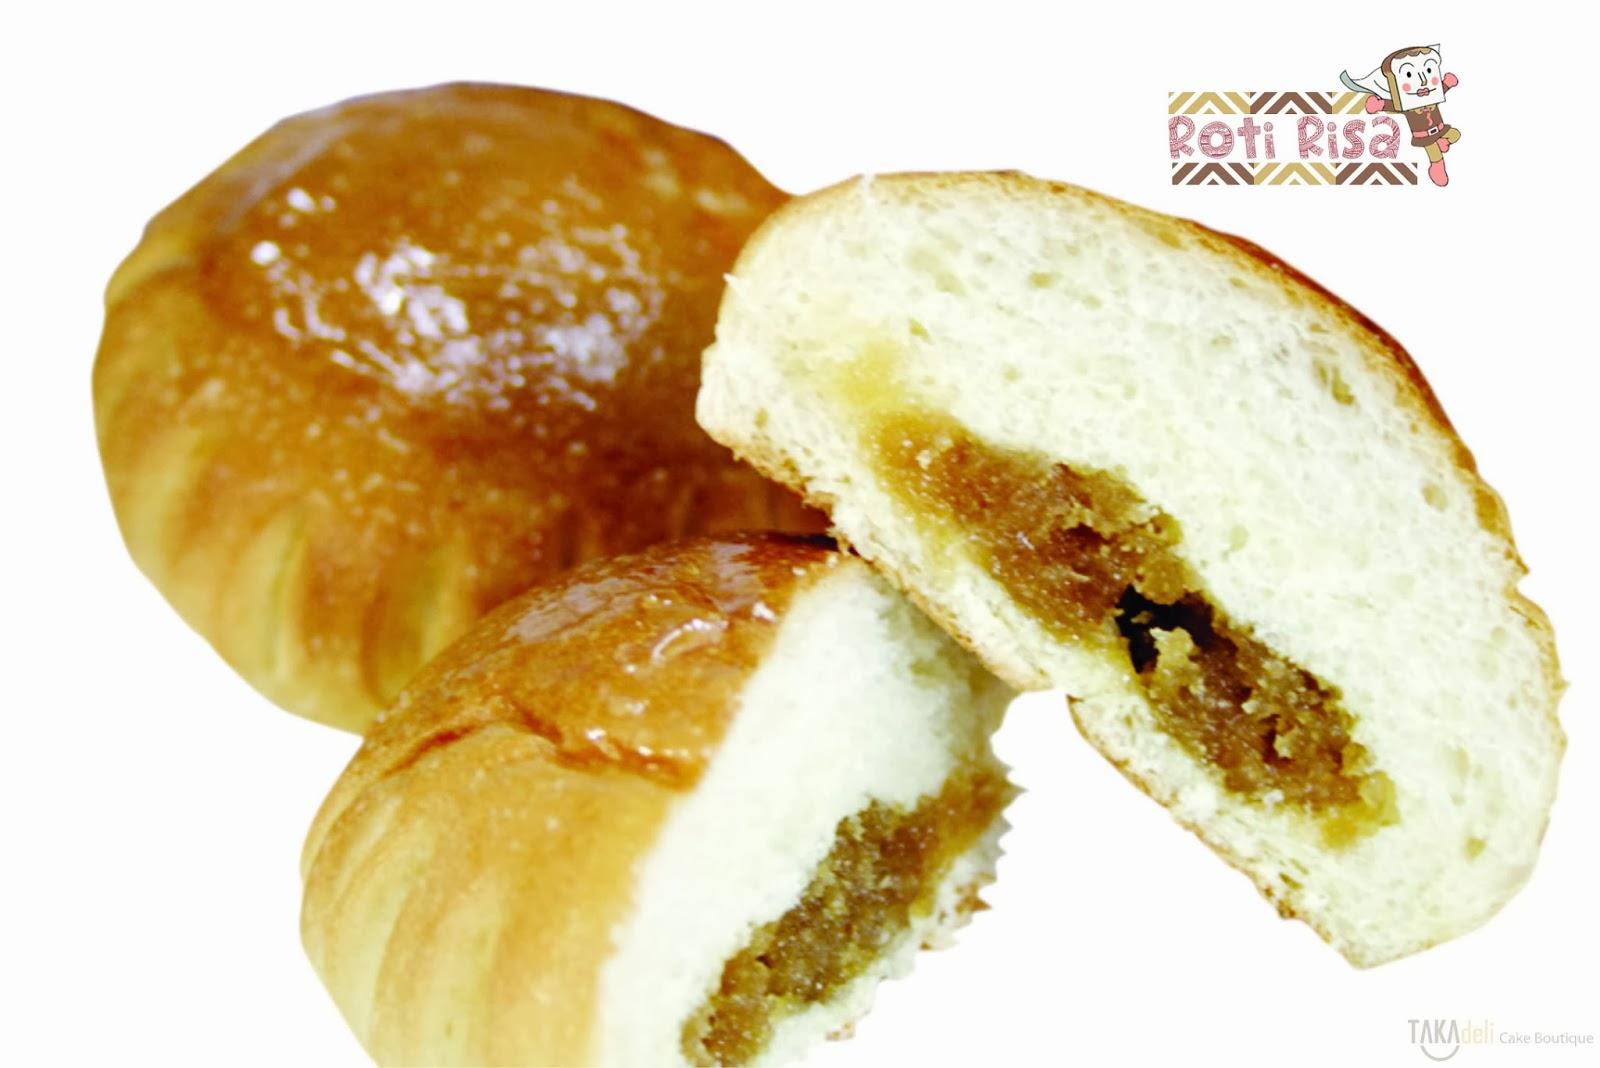 Khasiat Pengemulsi Nabati Untuk Diabetes